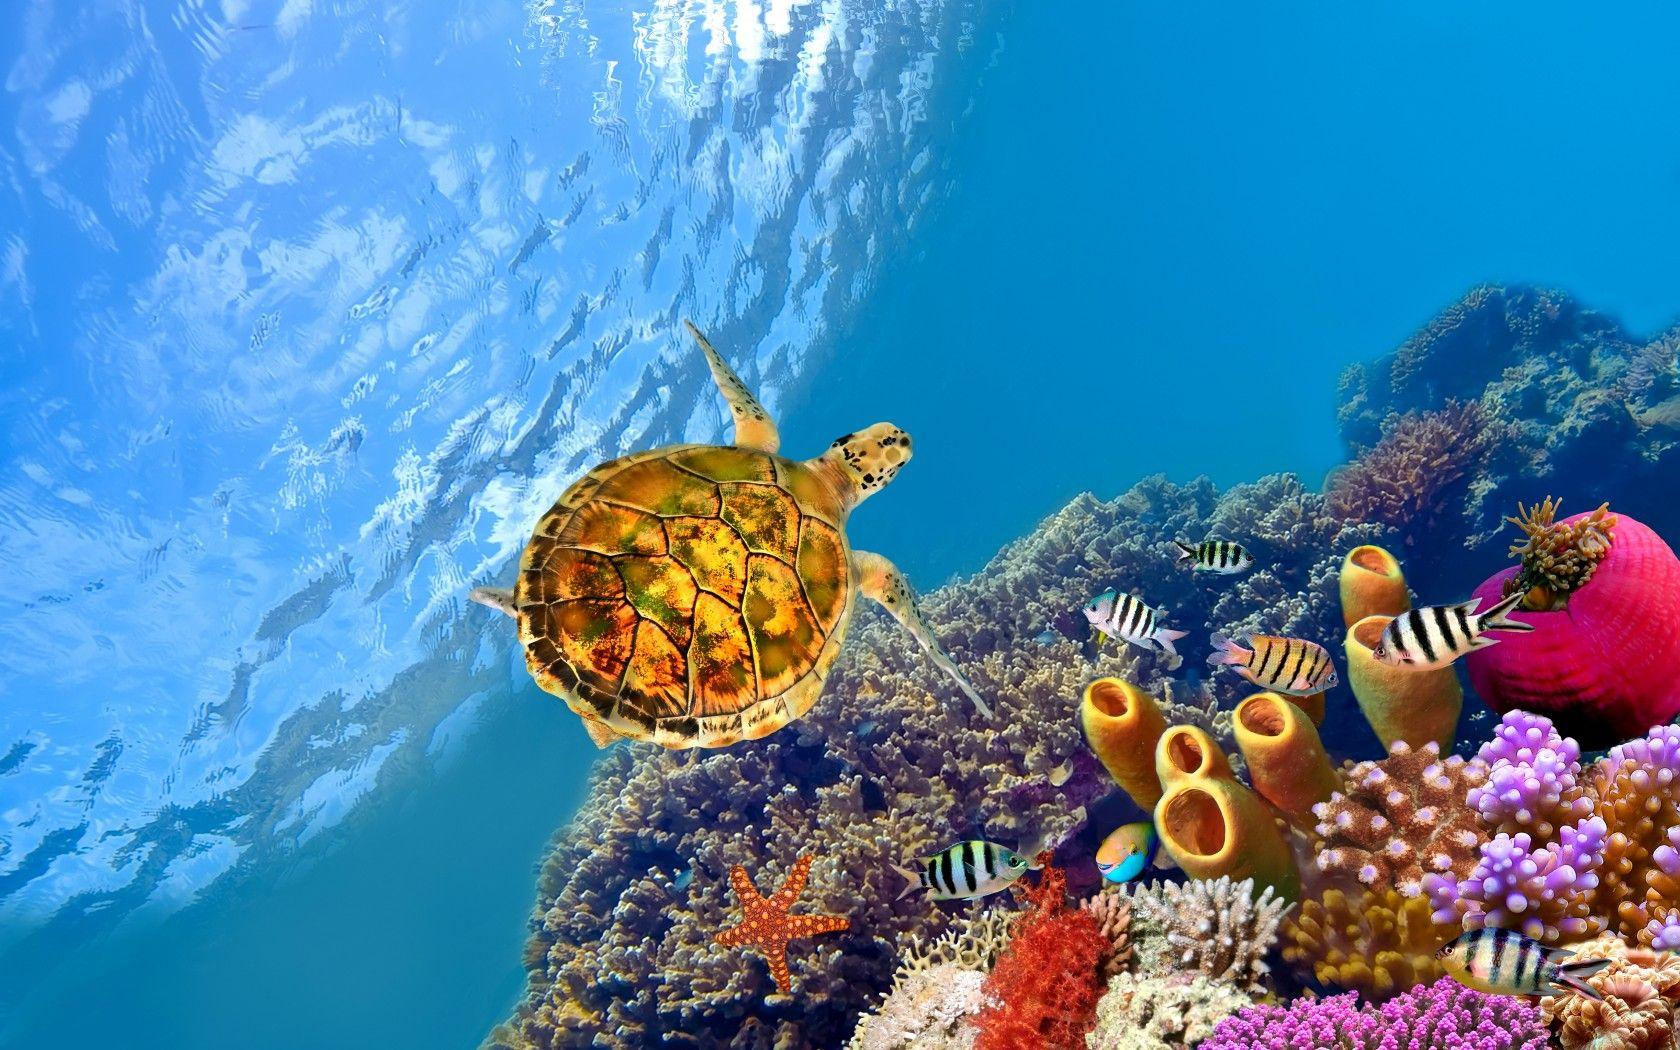 Ảnh rùa đang bơi đẹp nhất